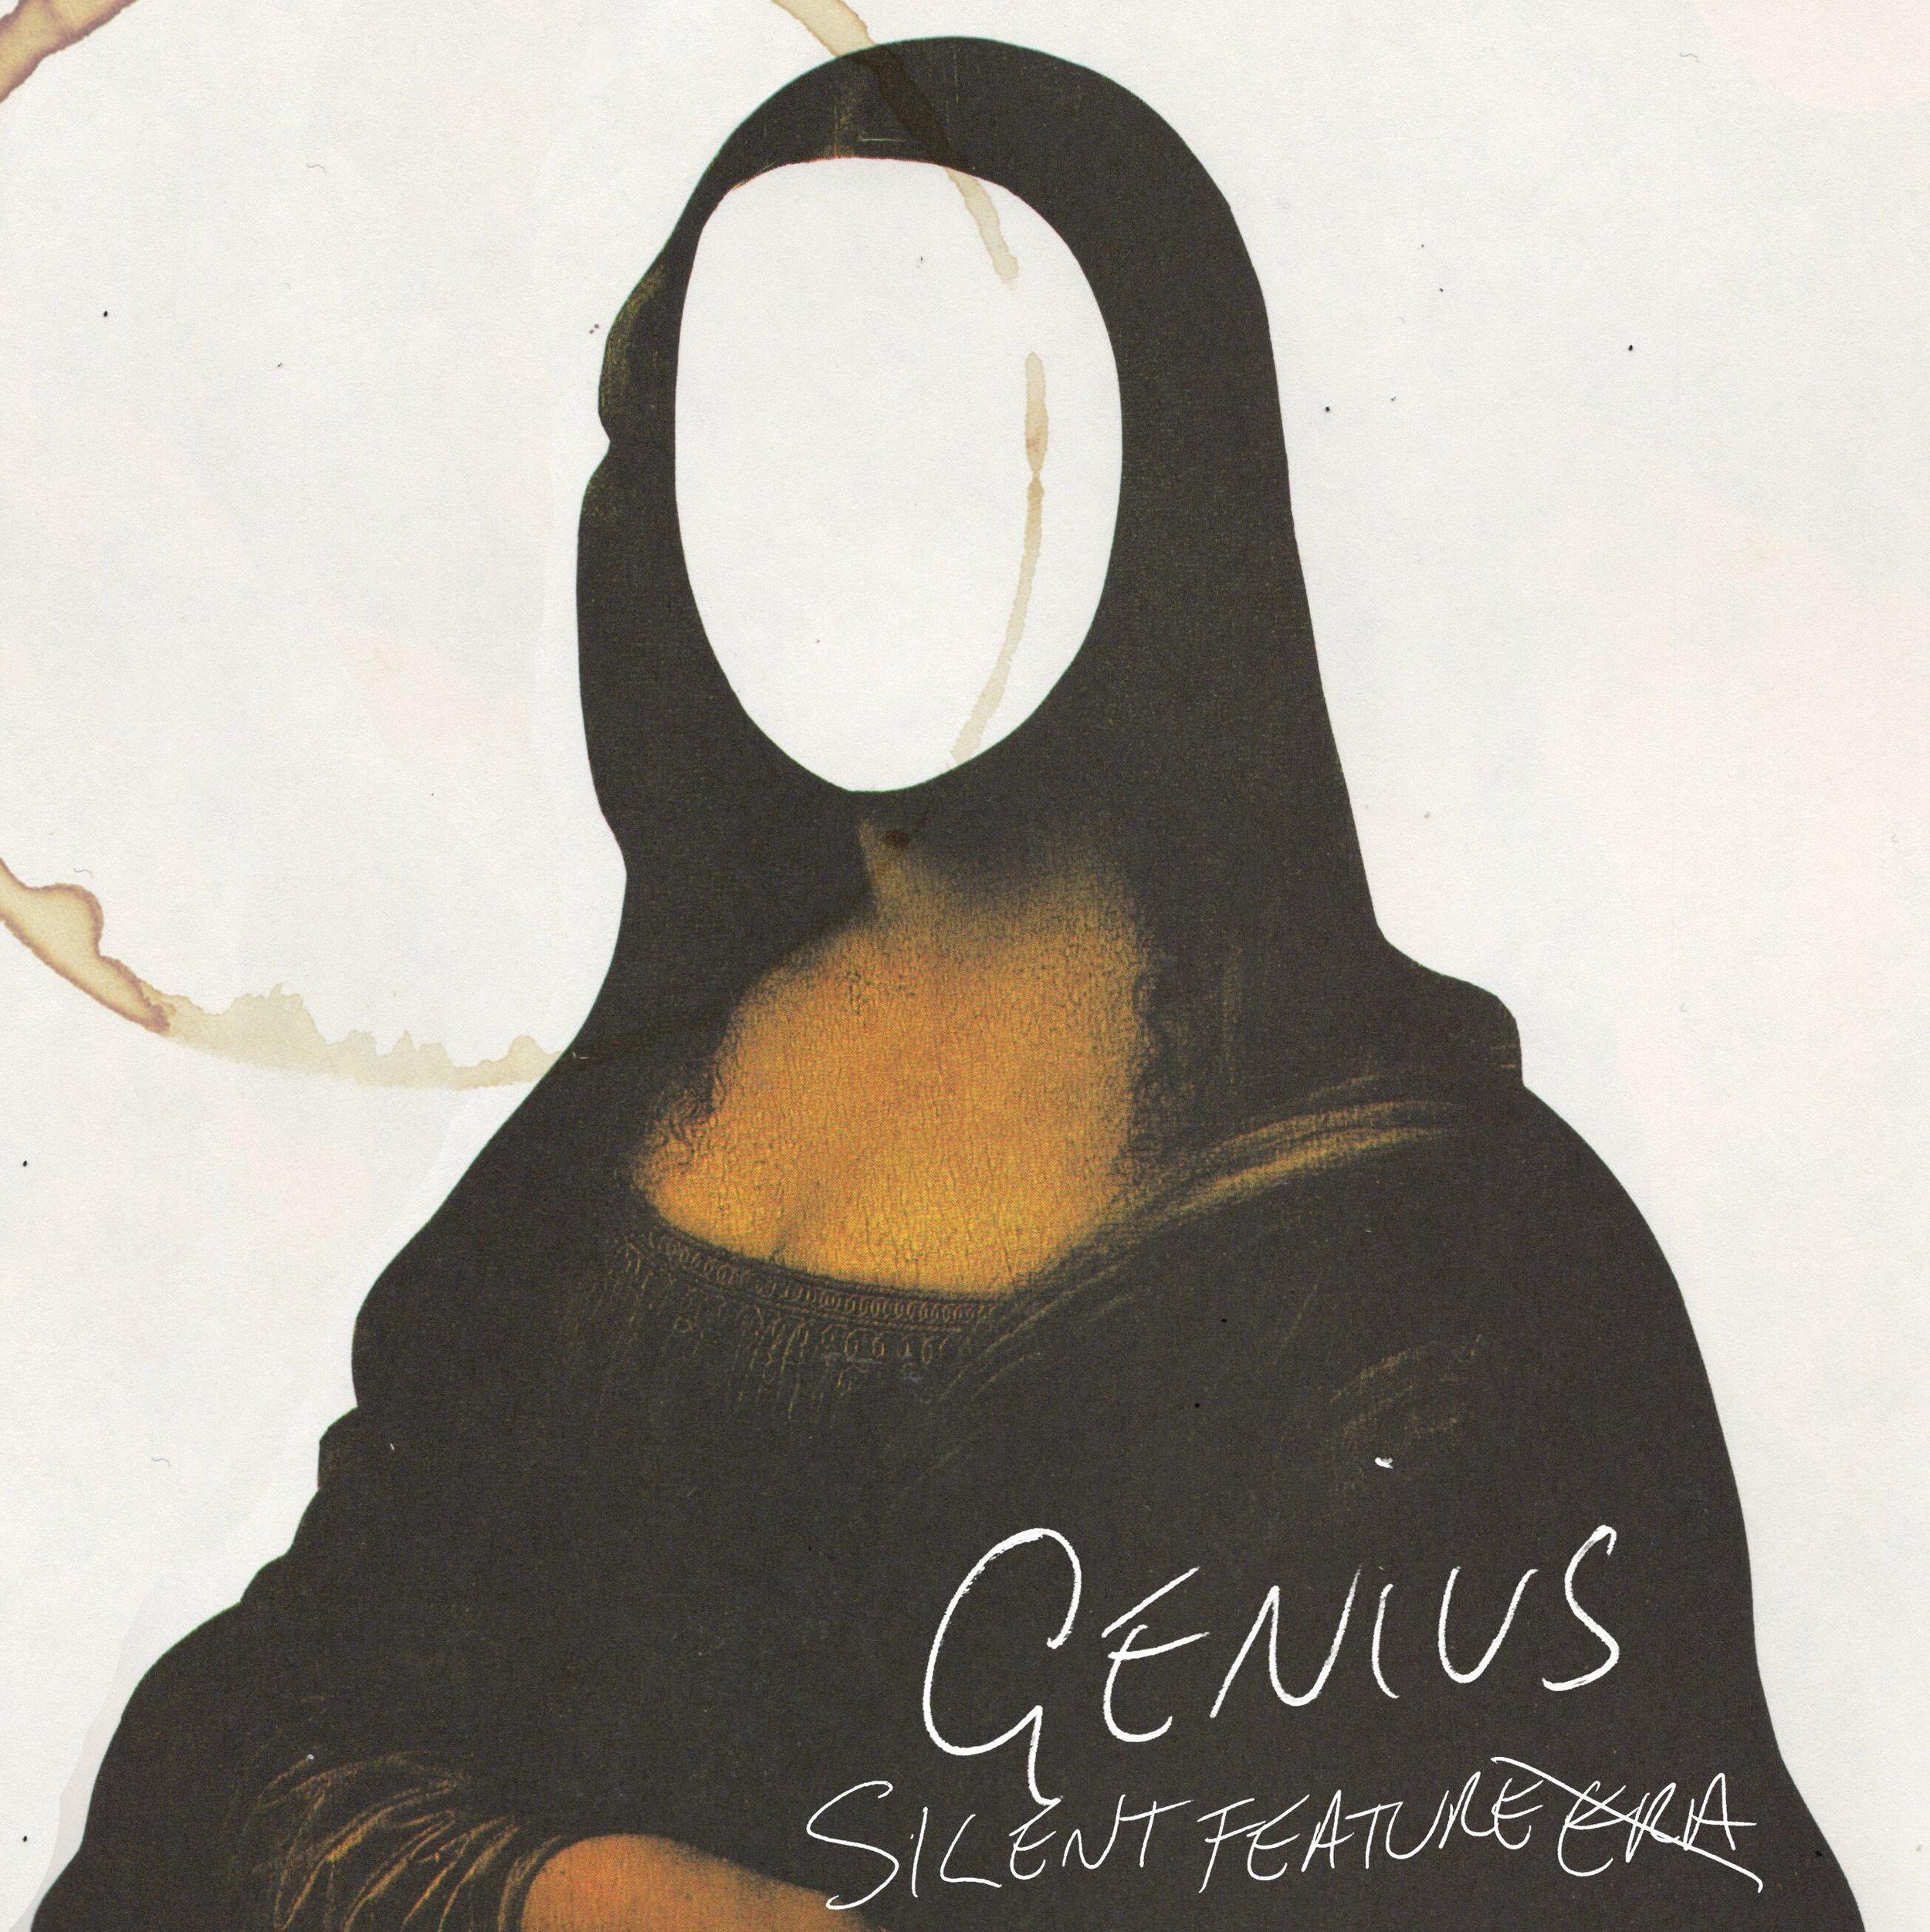 Genius   Silent Feature